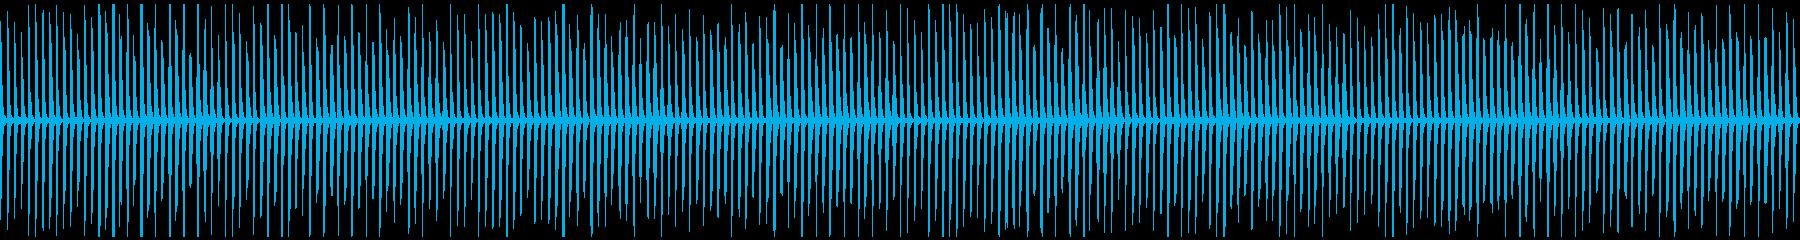 ゆるふわシンプルループ8、のんきな日常の再生済みの波形